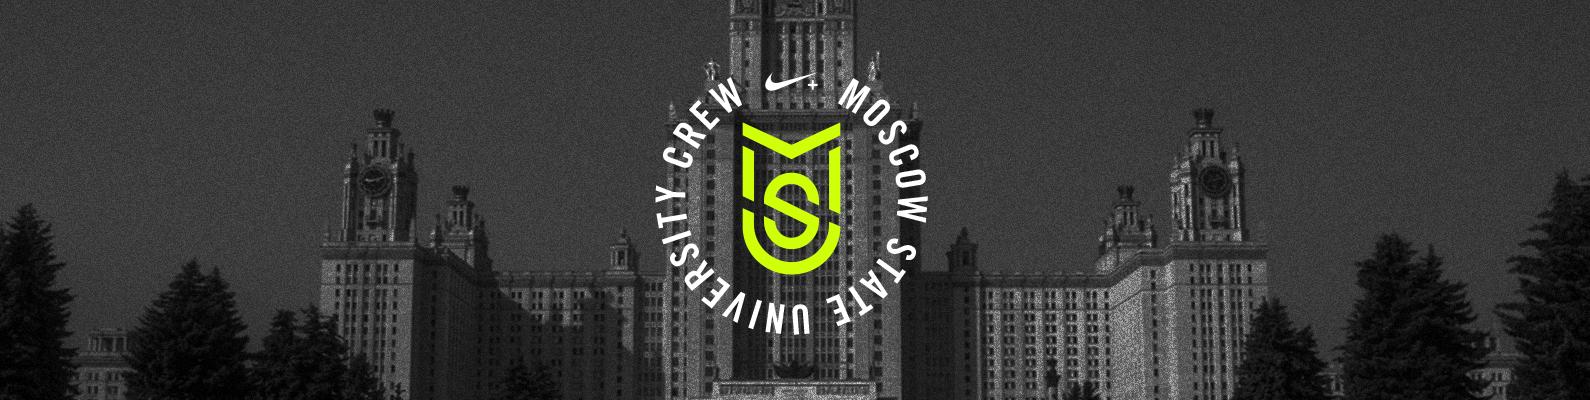 999cc9a2 NRC ПРОБЕЖКА ДЛЯ ВСЕХ | Nike